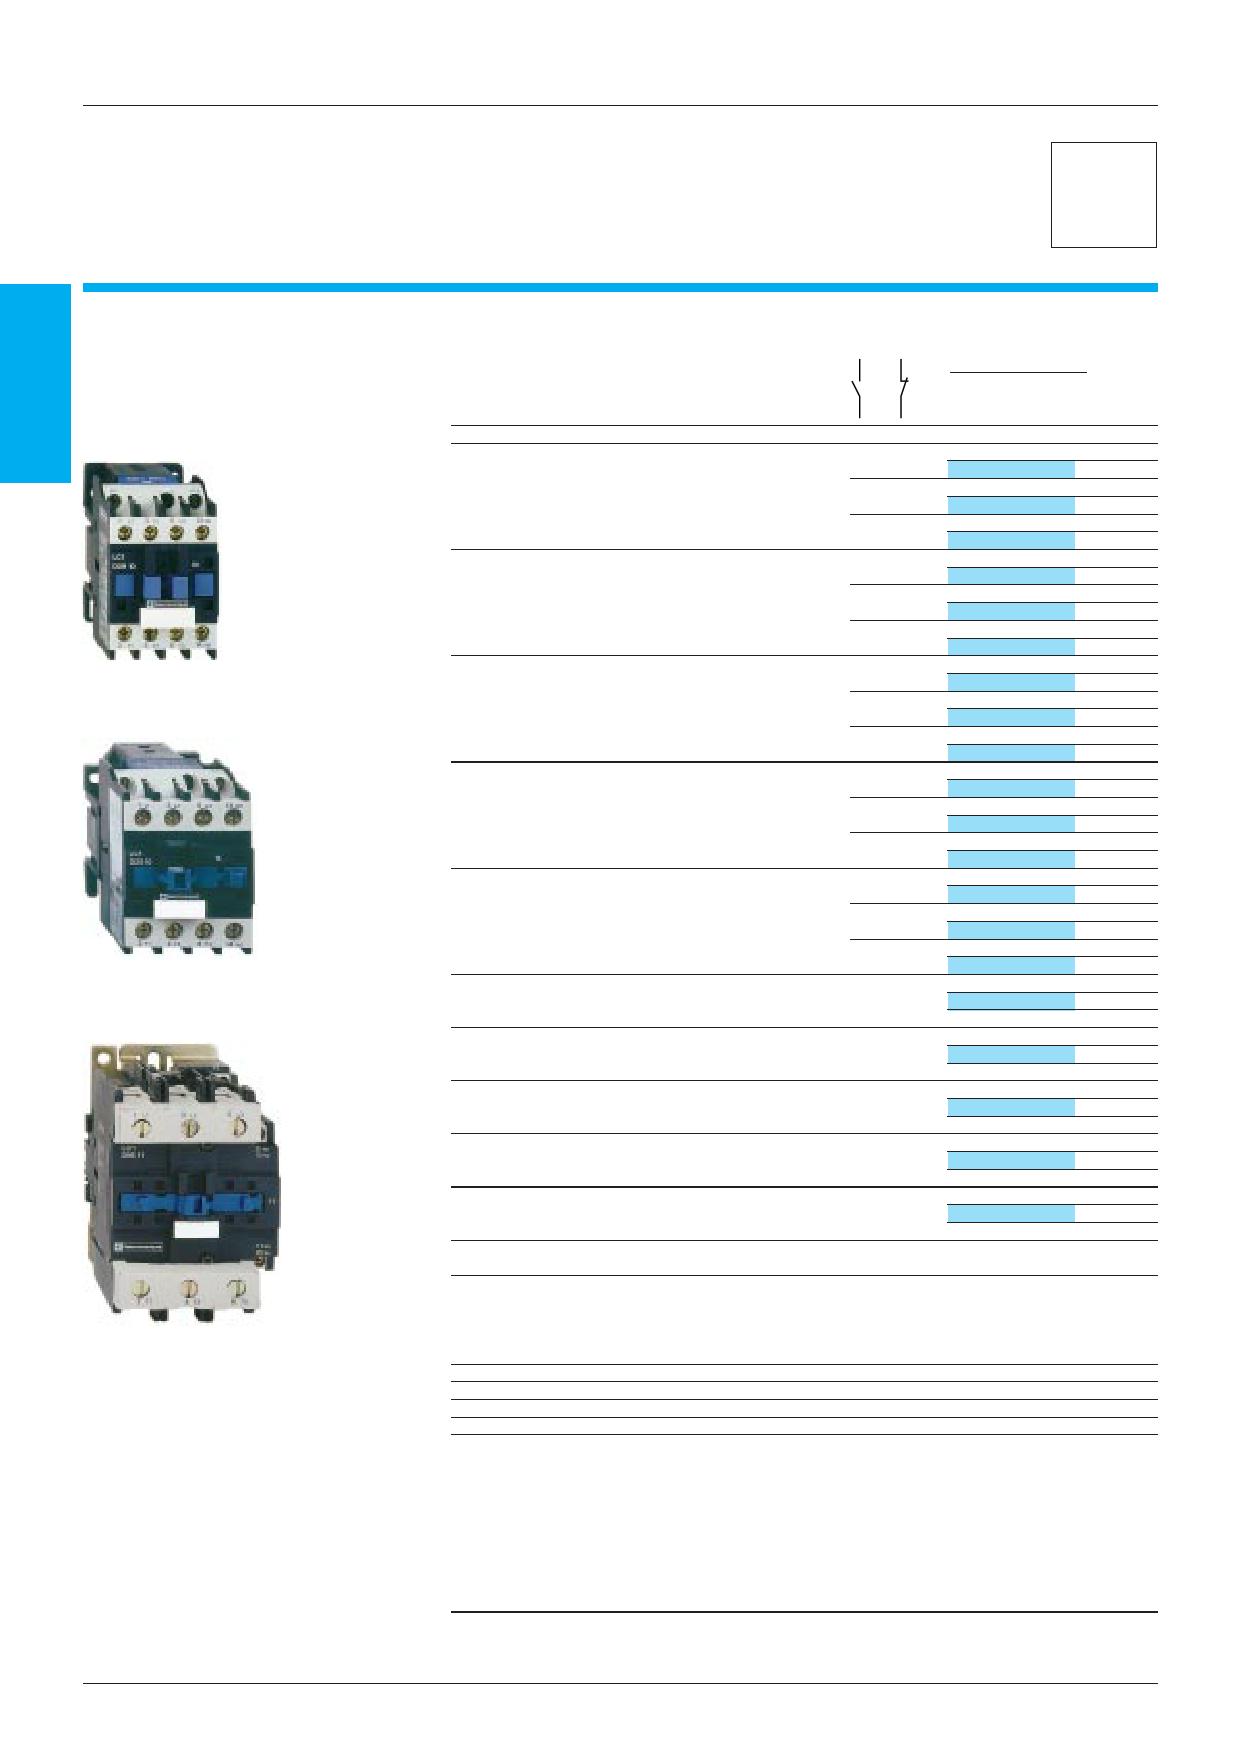 LC1-D1200xx datasheet